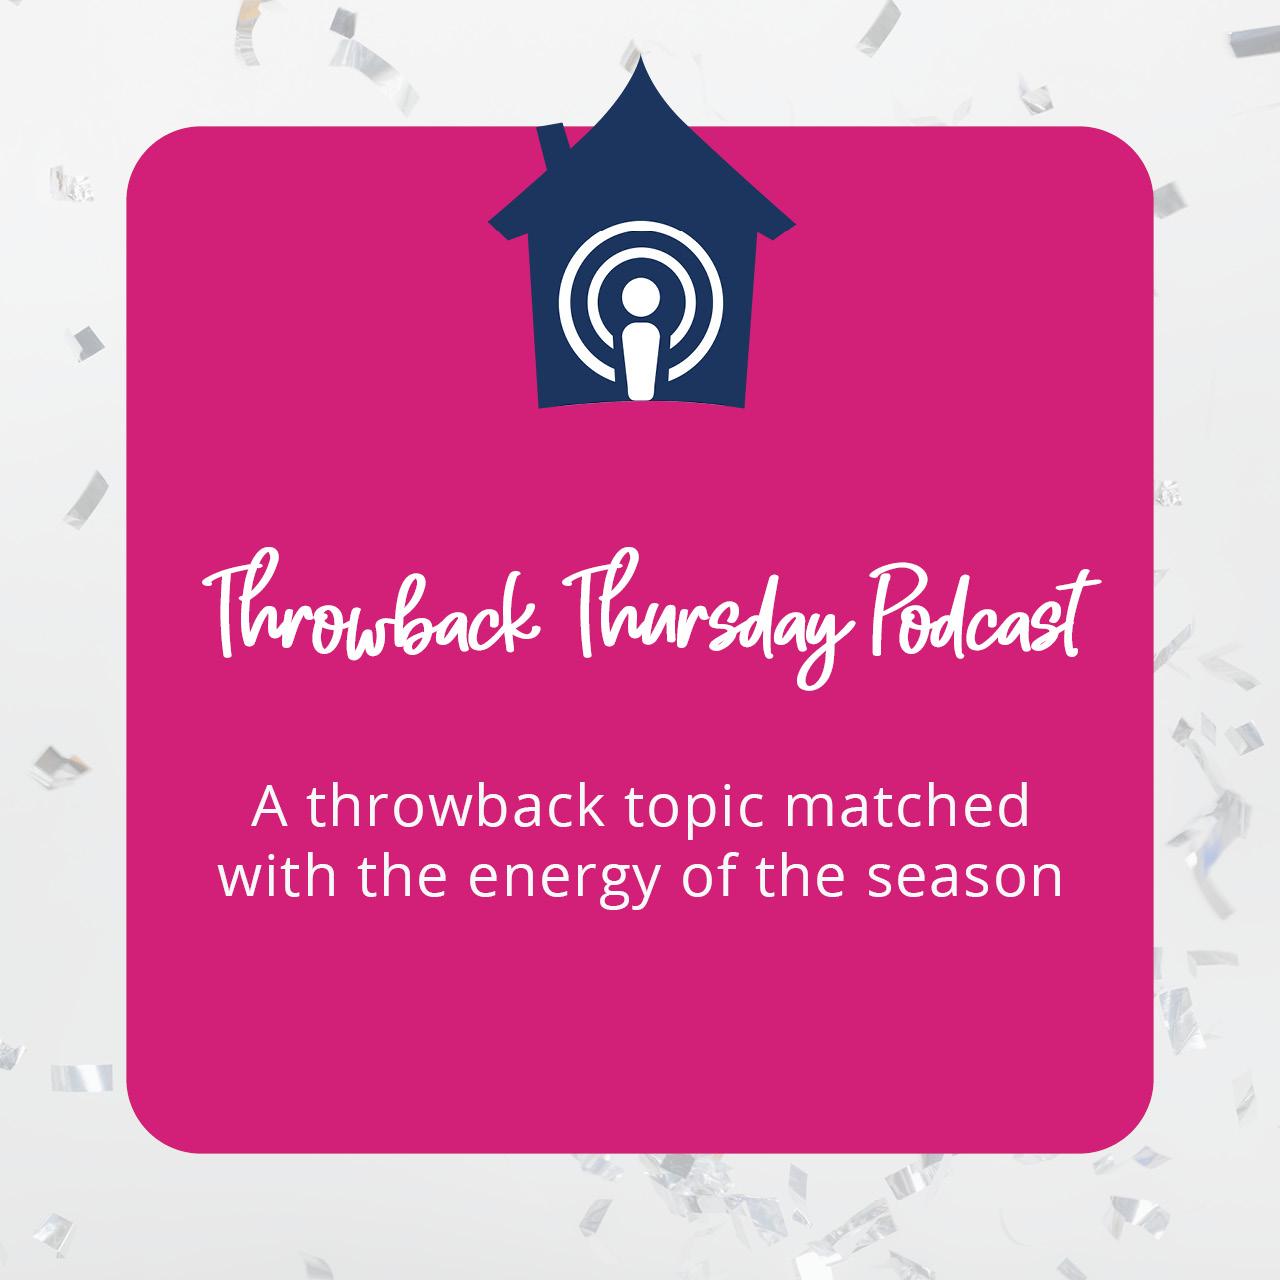 Thursday Podcast